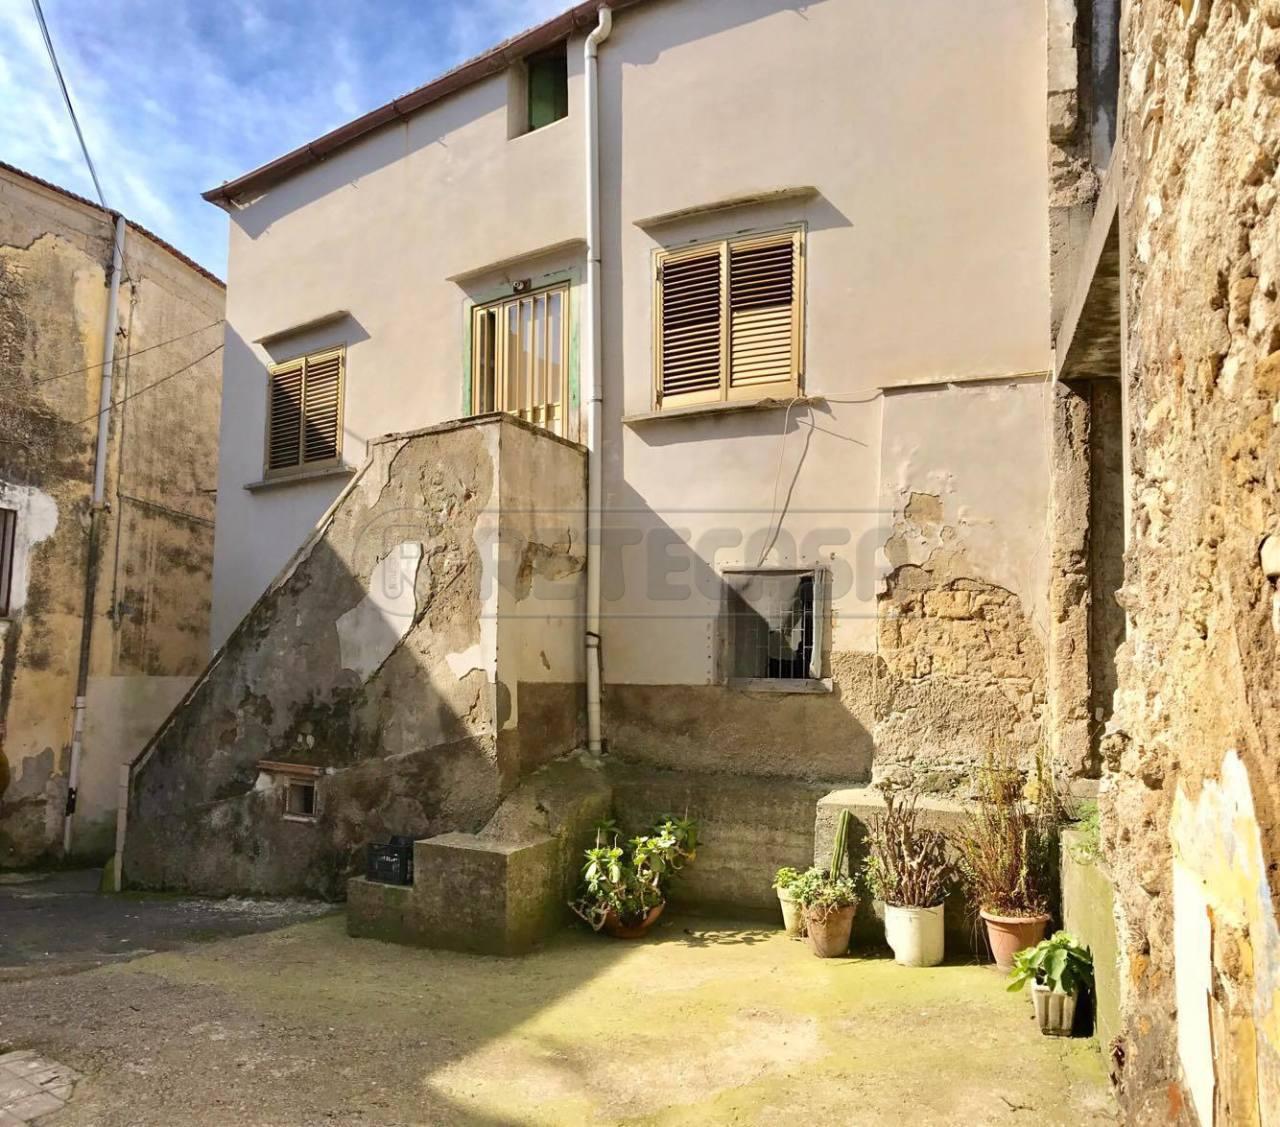 Altro in Vendita a Castel San Giorgio